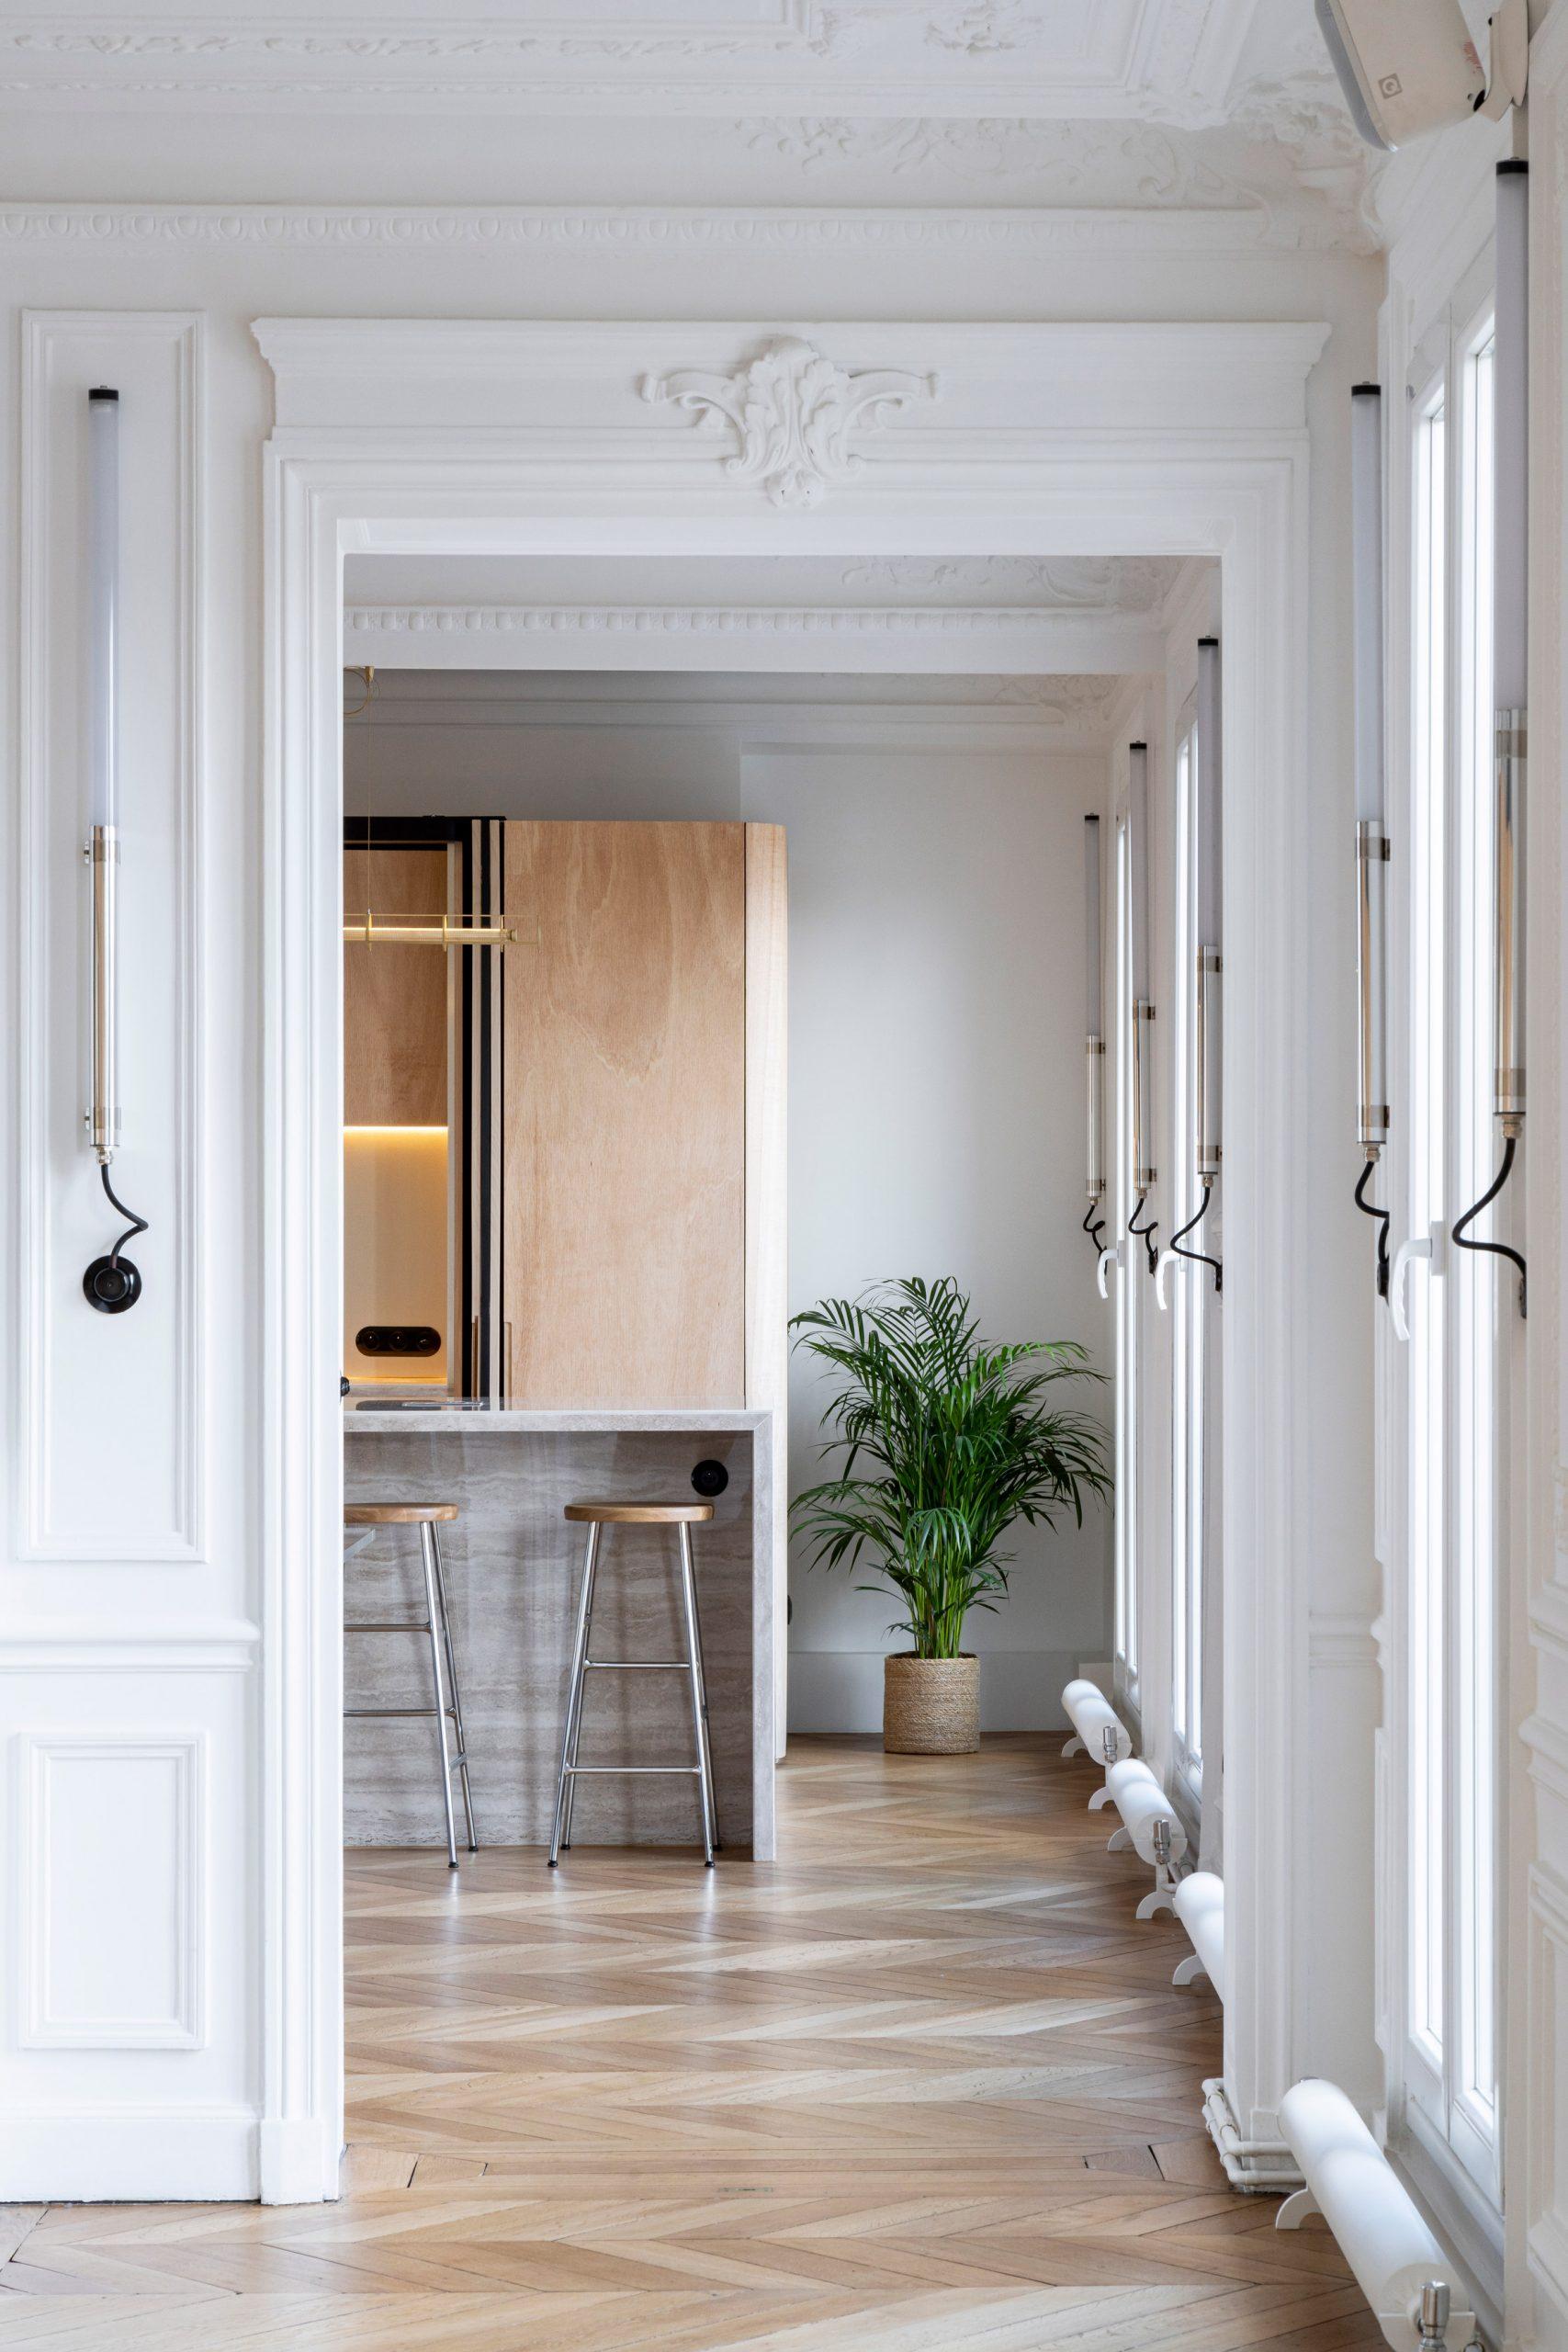 Thiết kế nội thất căn hộ 90m2 17